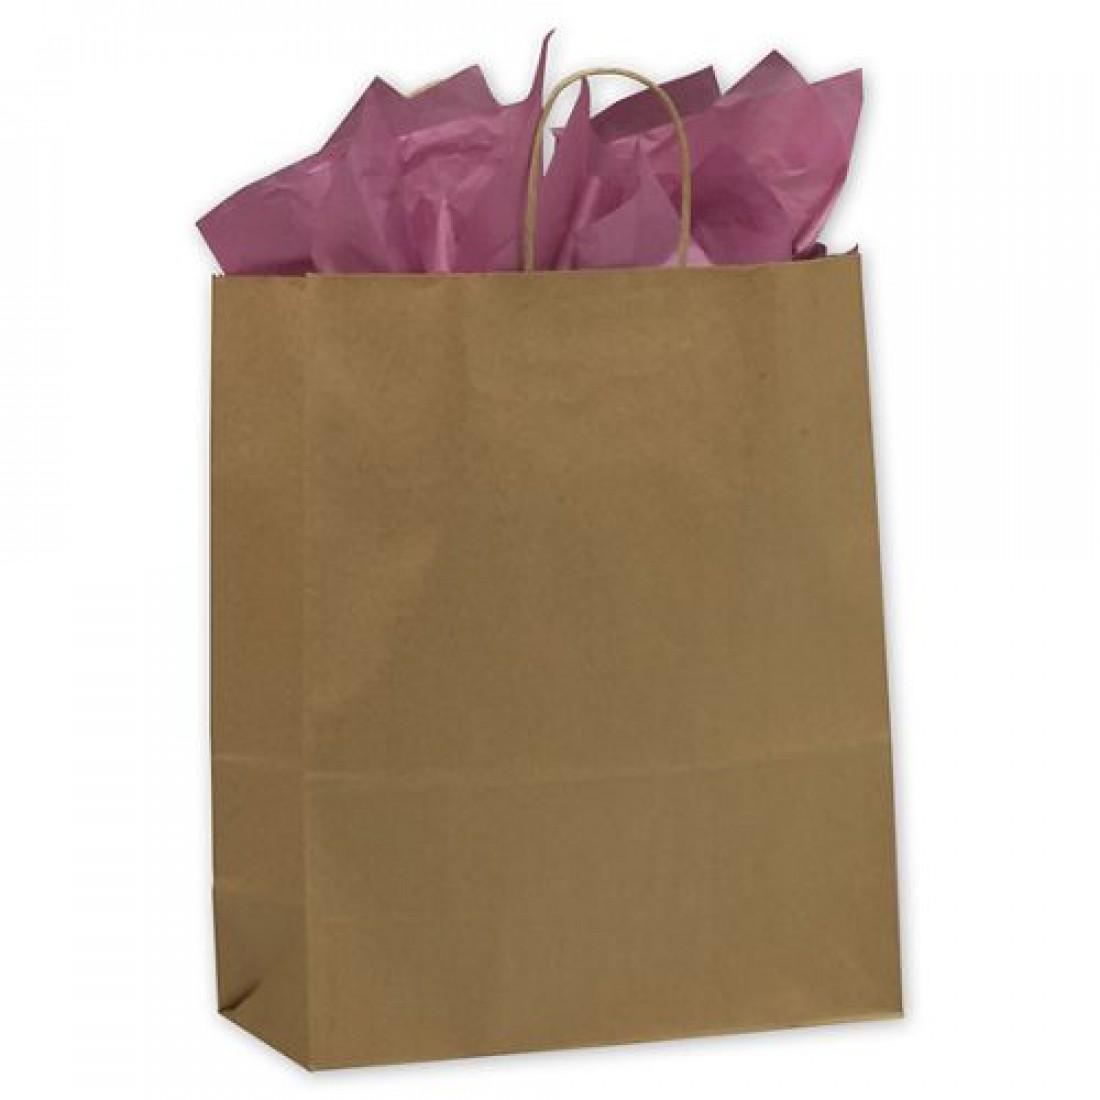 Kraft Paper Bag 13x6x15 1/2